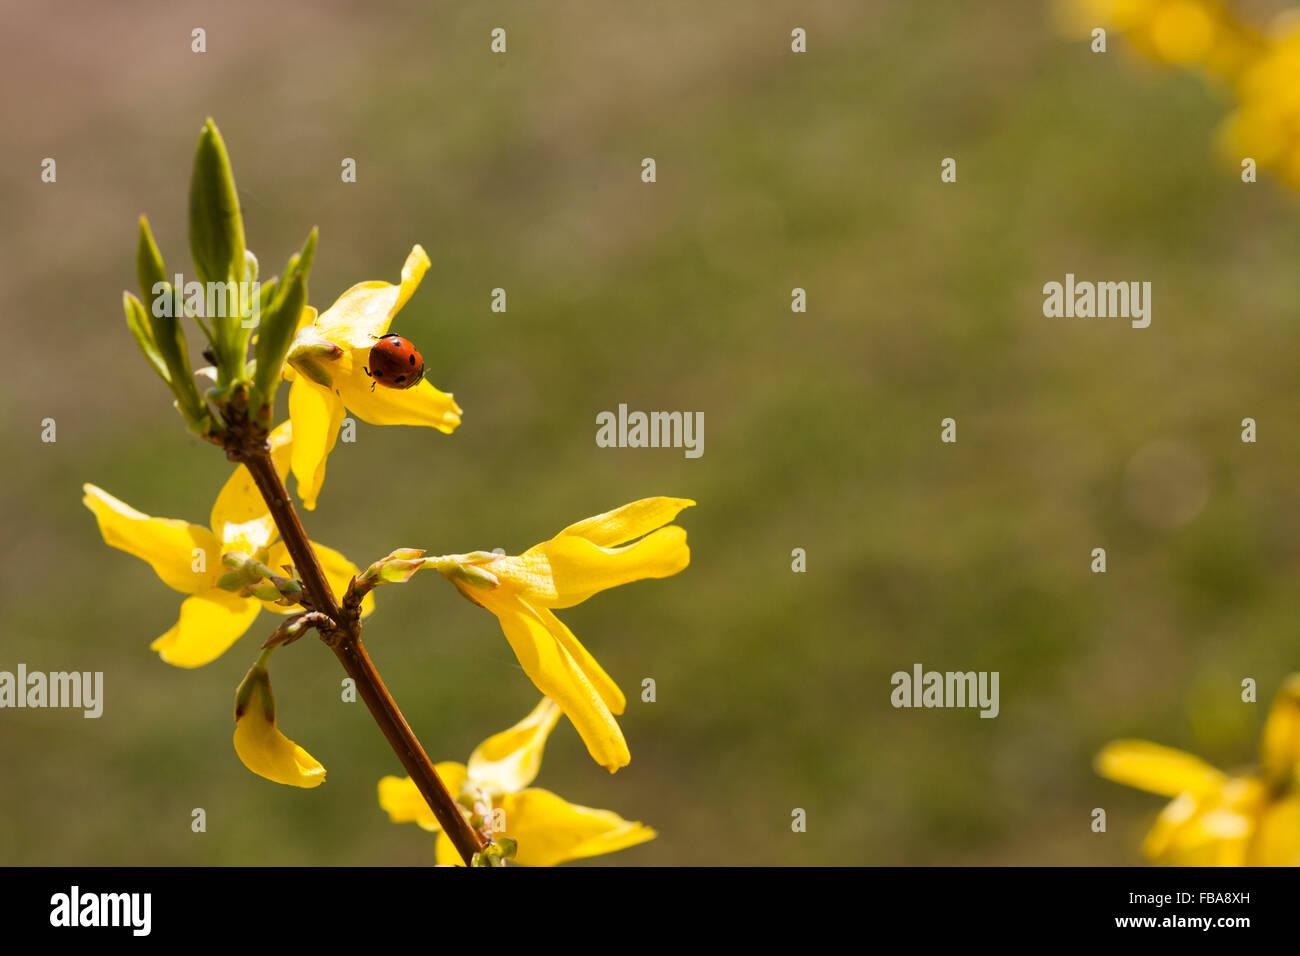 Ladybug (Coccinellidae) on flower Stock Photo